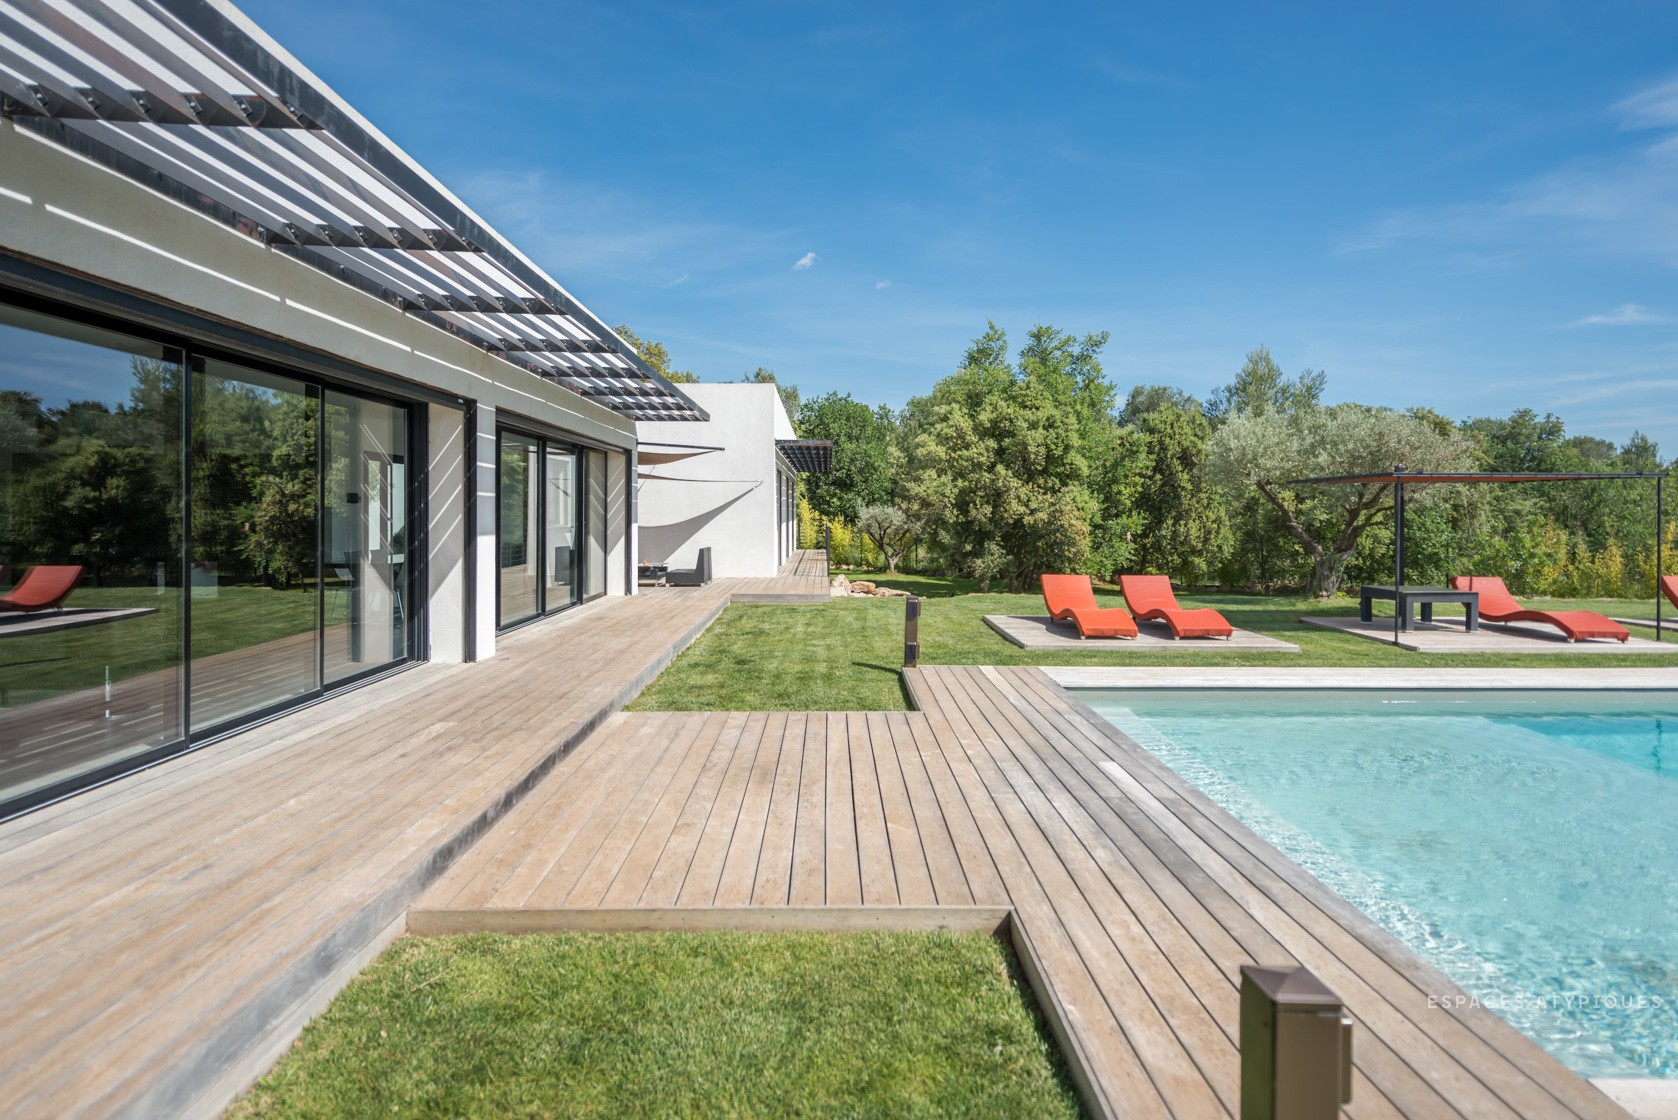 Espaces atypiques loft atelier terrasse maison architecte contemporain - Espace atypique a vendre ...